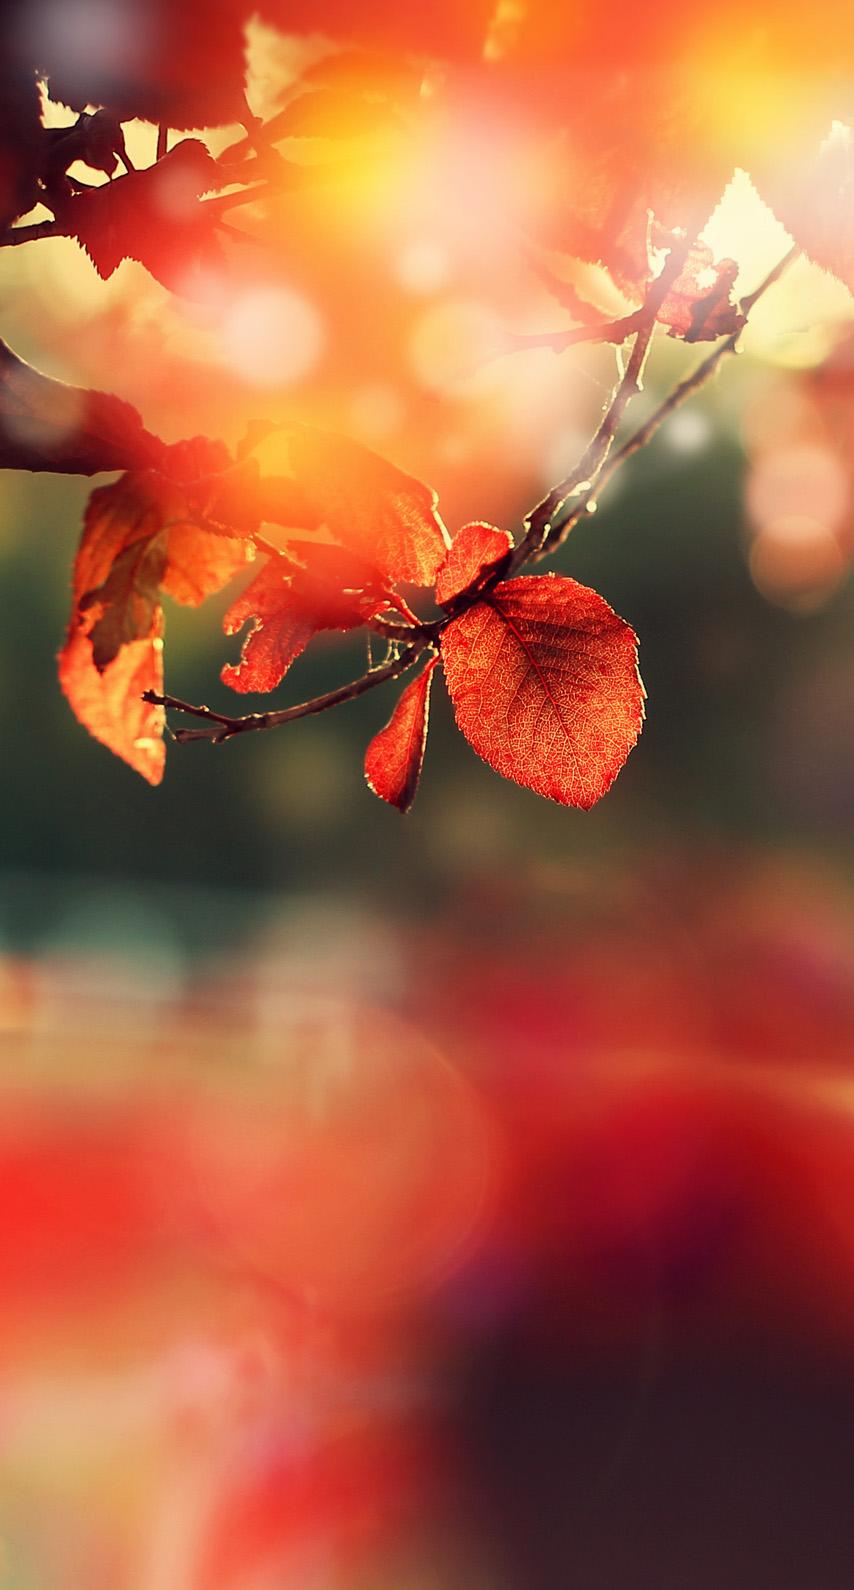 garden, season, focus, dof